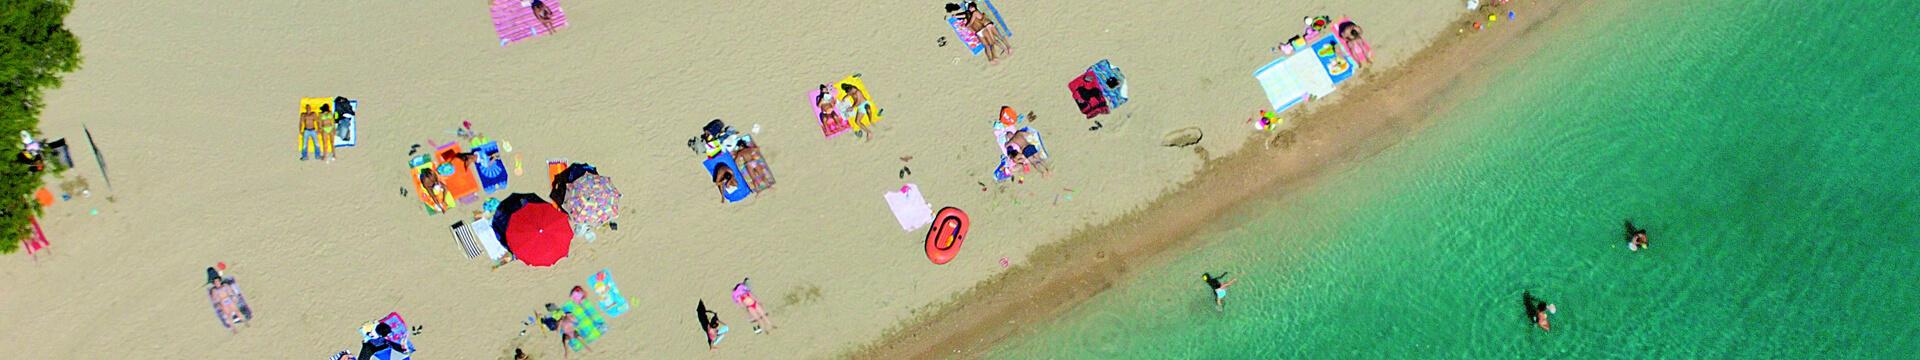 Kampovi s pješčanim plažama   AdriaCamps